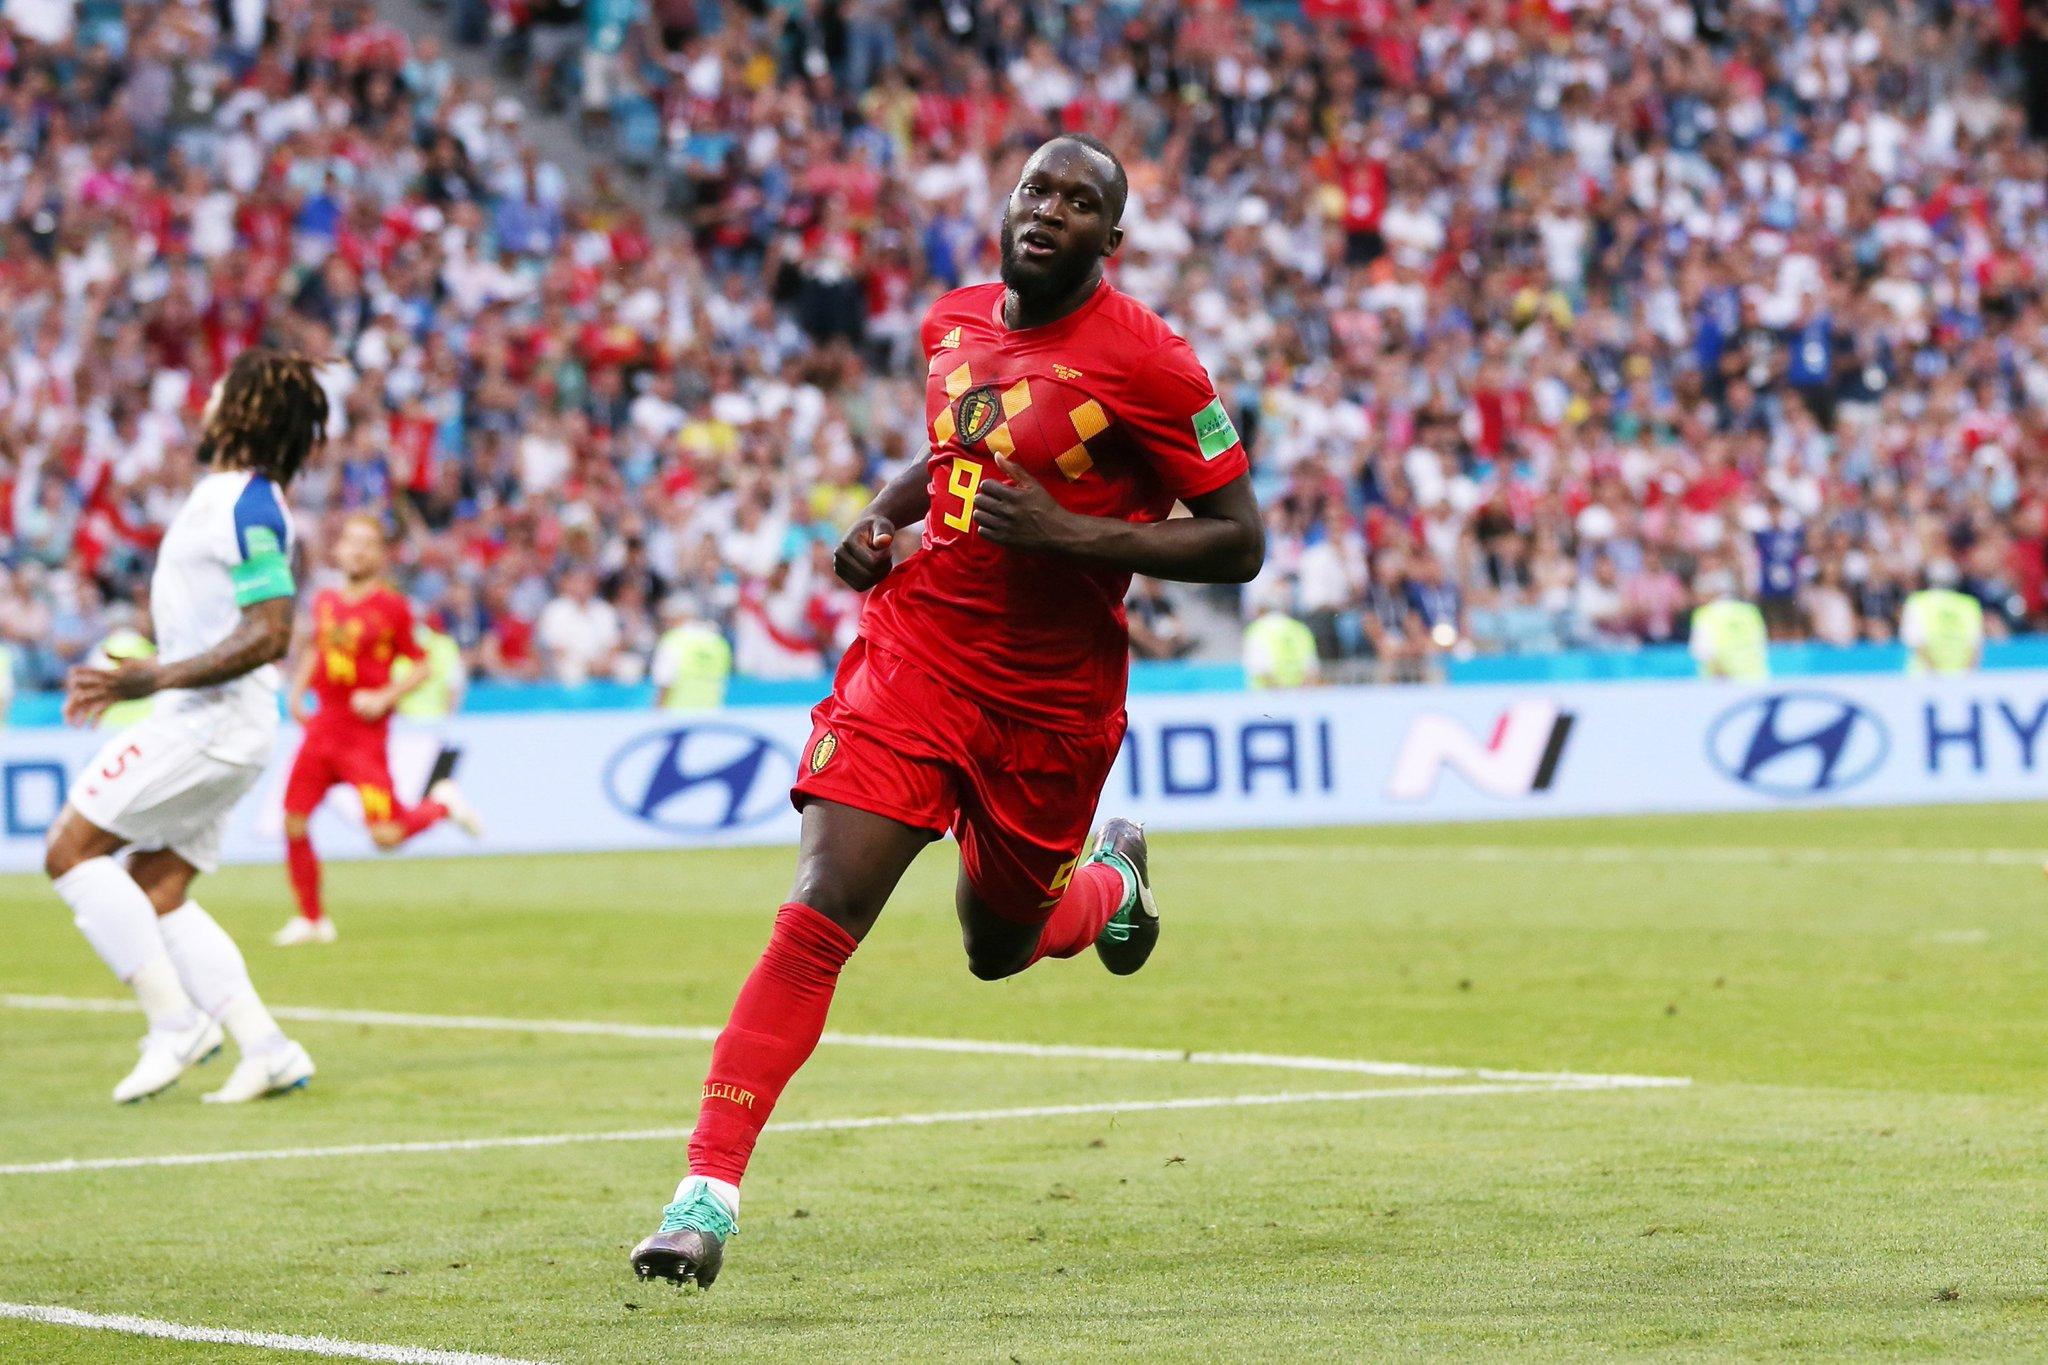 الهدف الثاني لبلجيكا